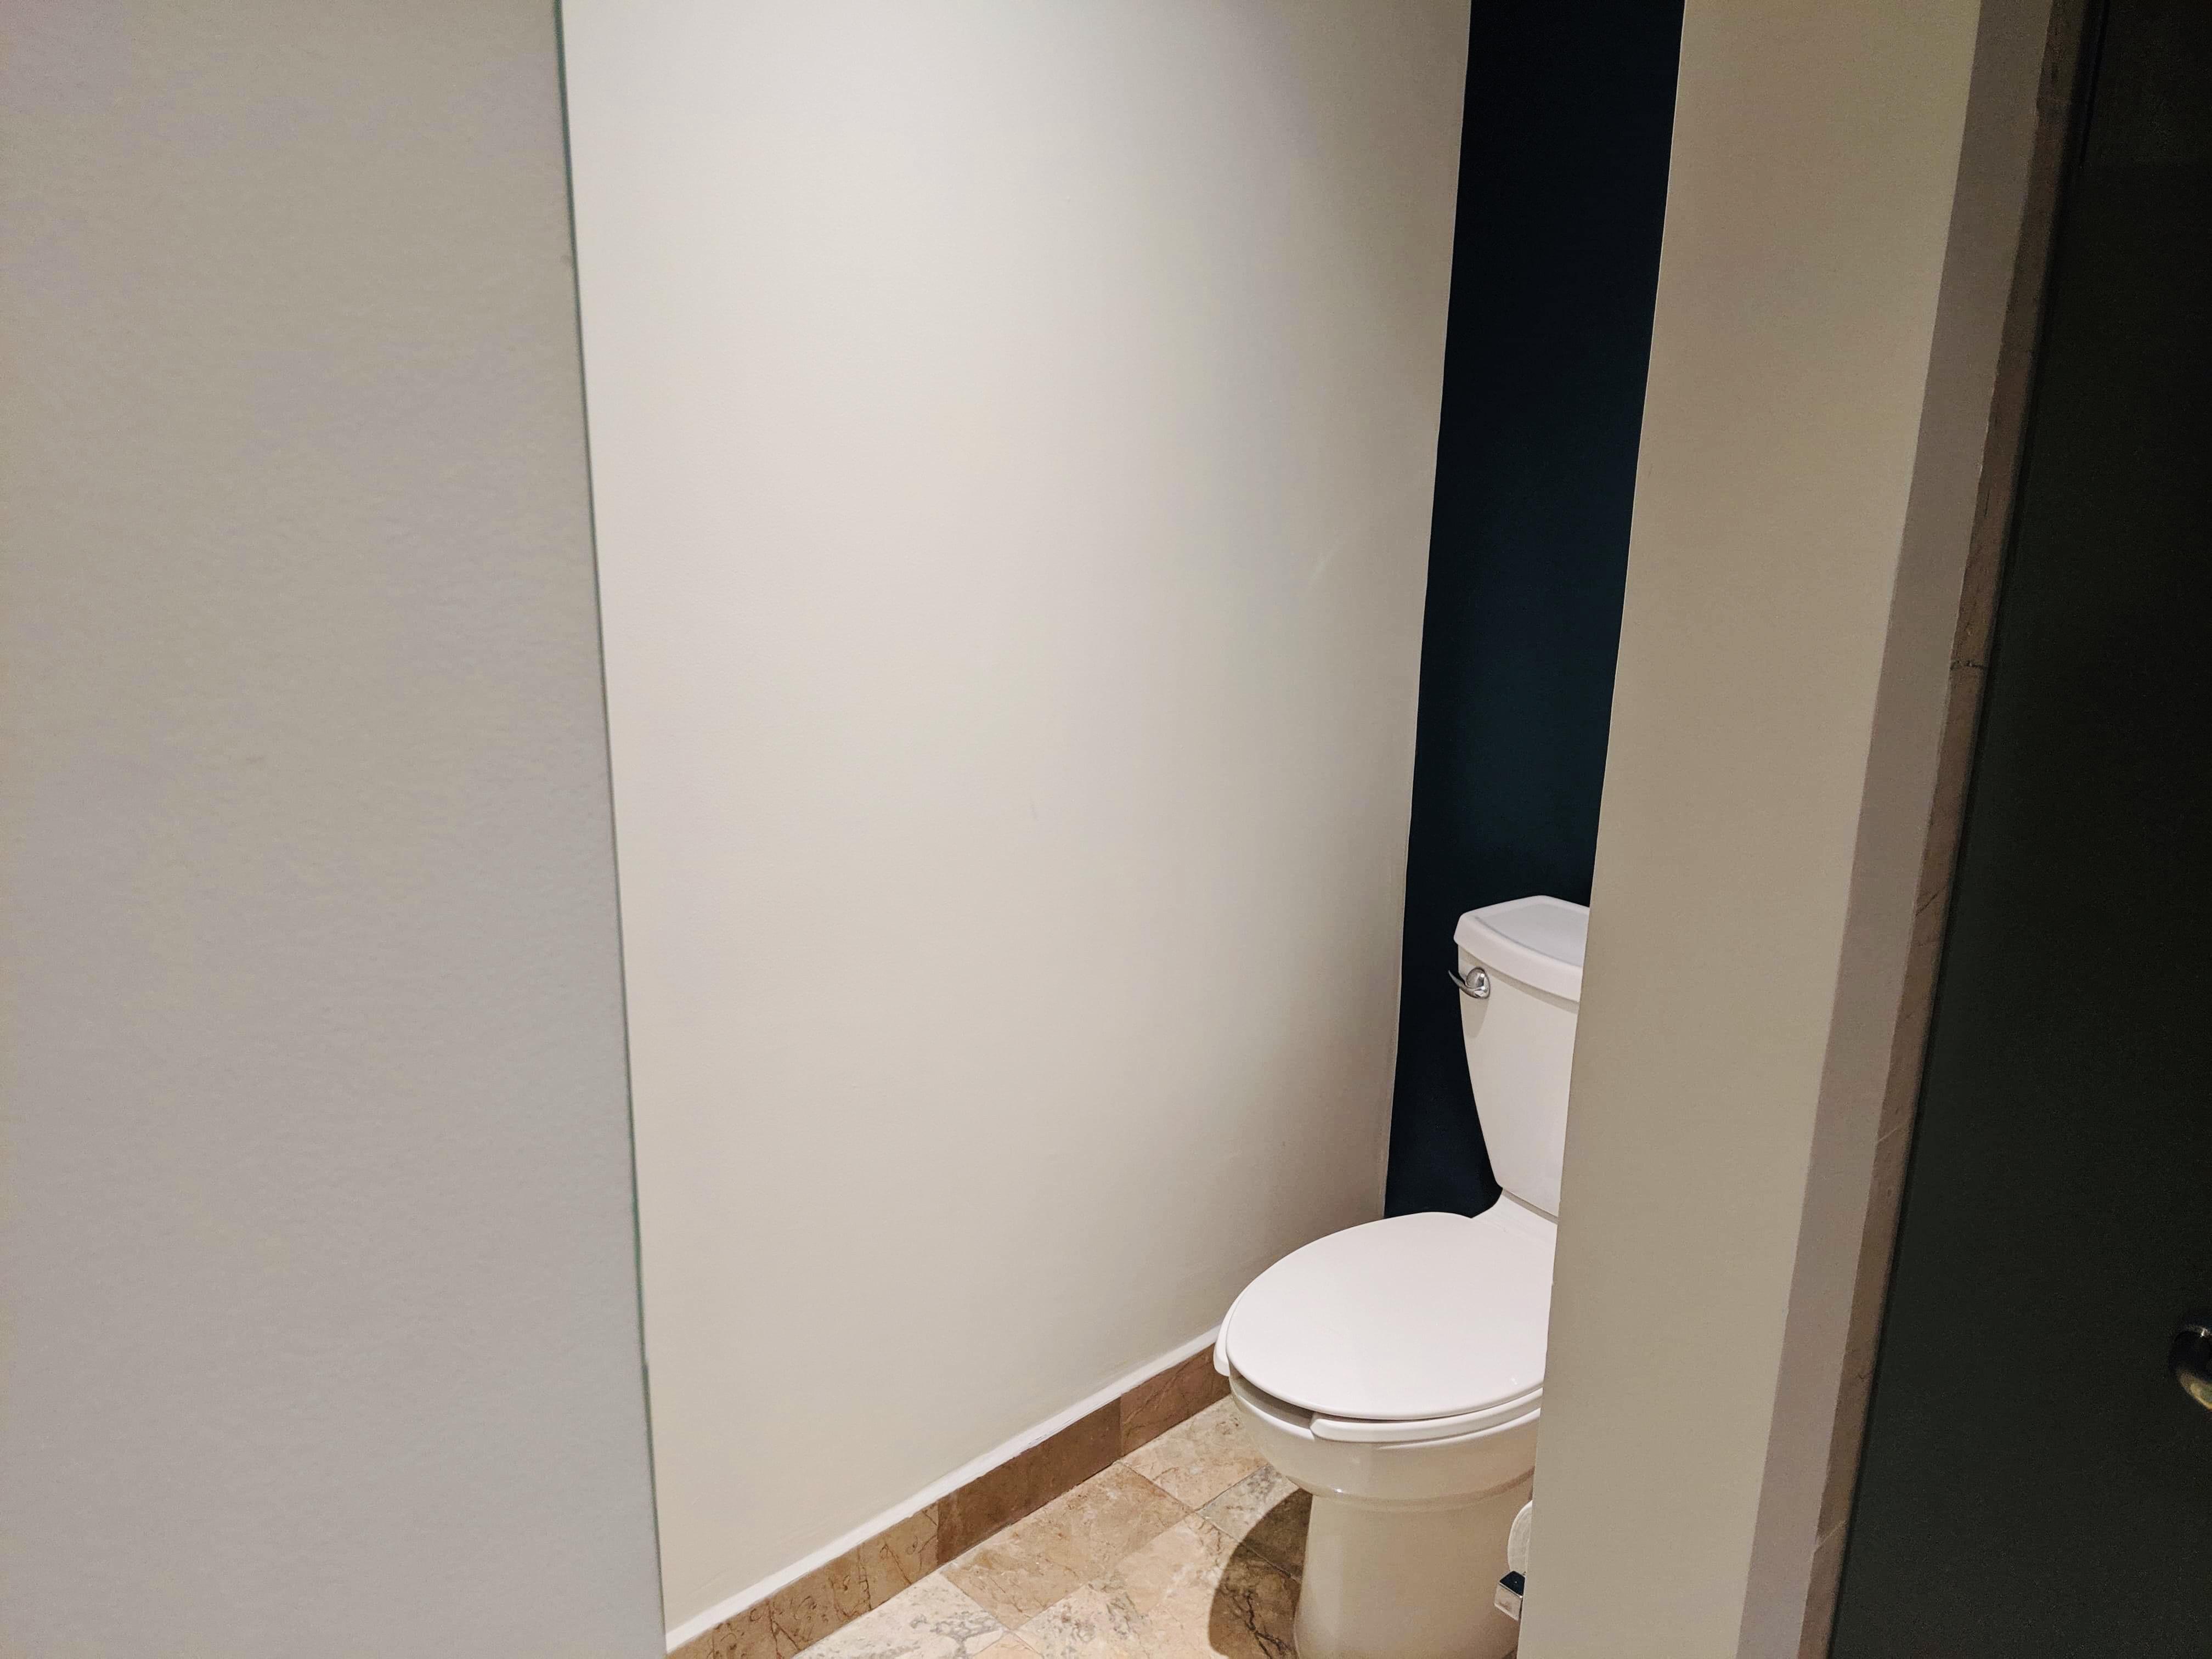 Marriott hotel toilet